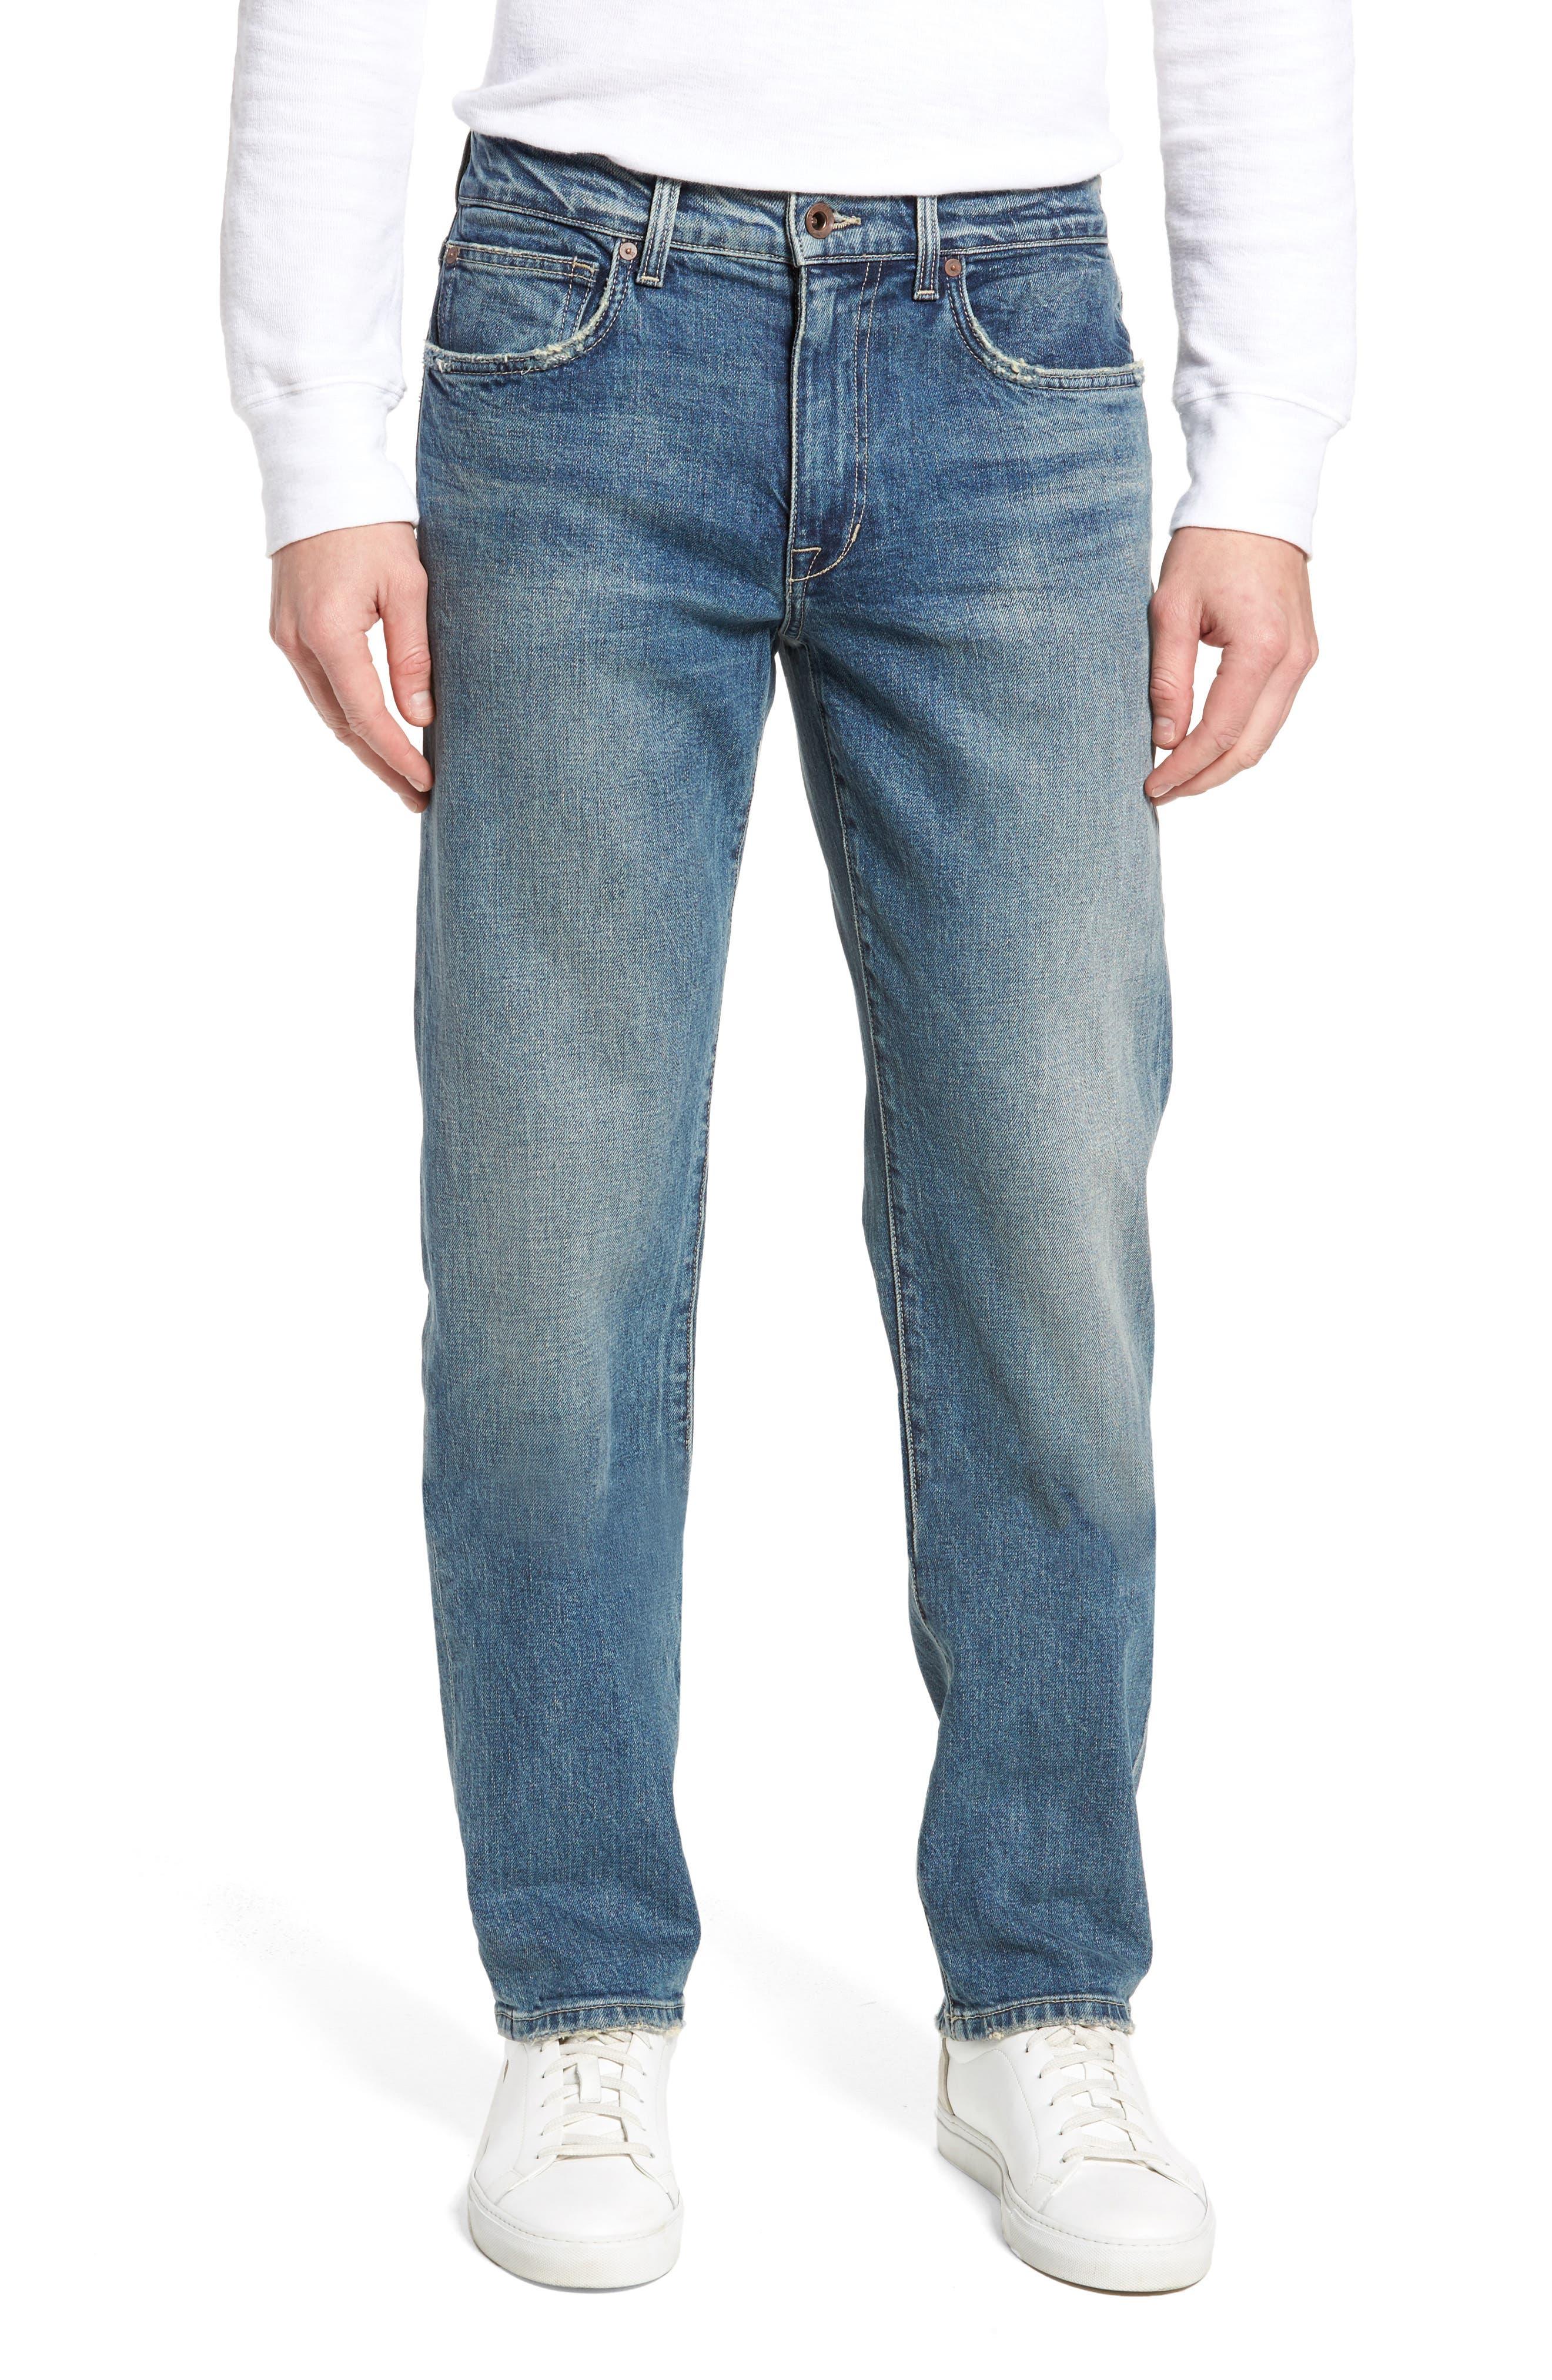 Brixton Slim Straight Fit Jeans,                             Main thumbnail 1, color,                             Harken